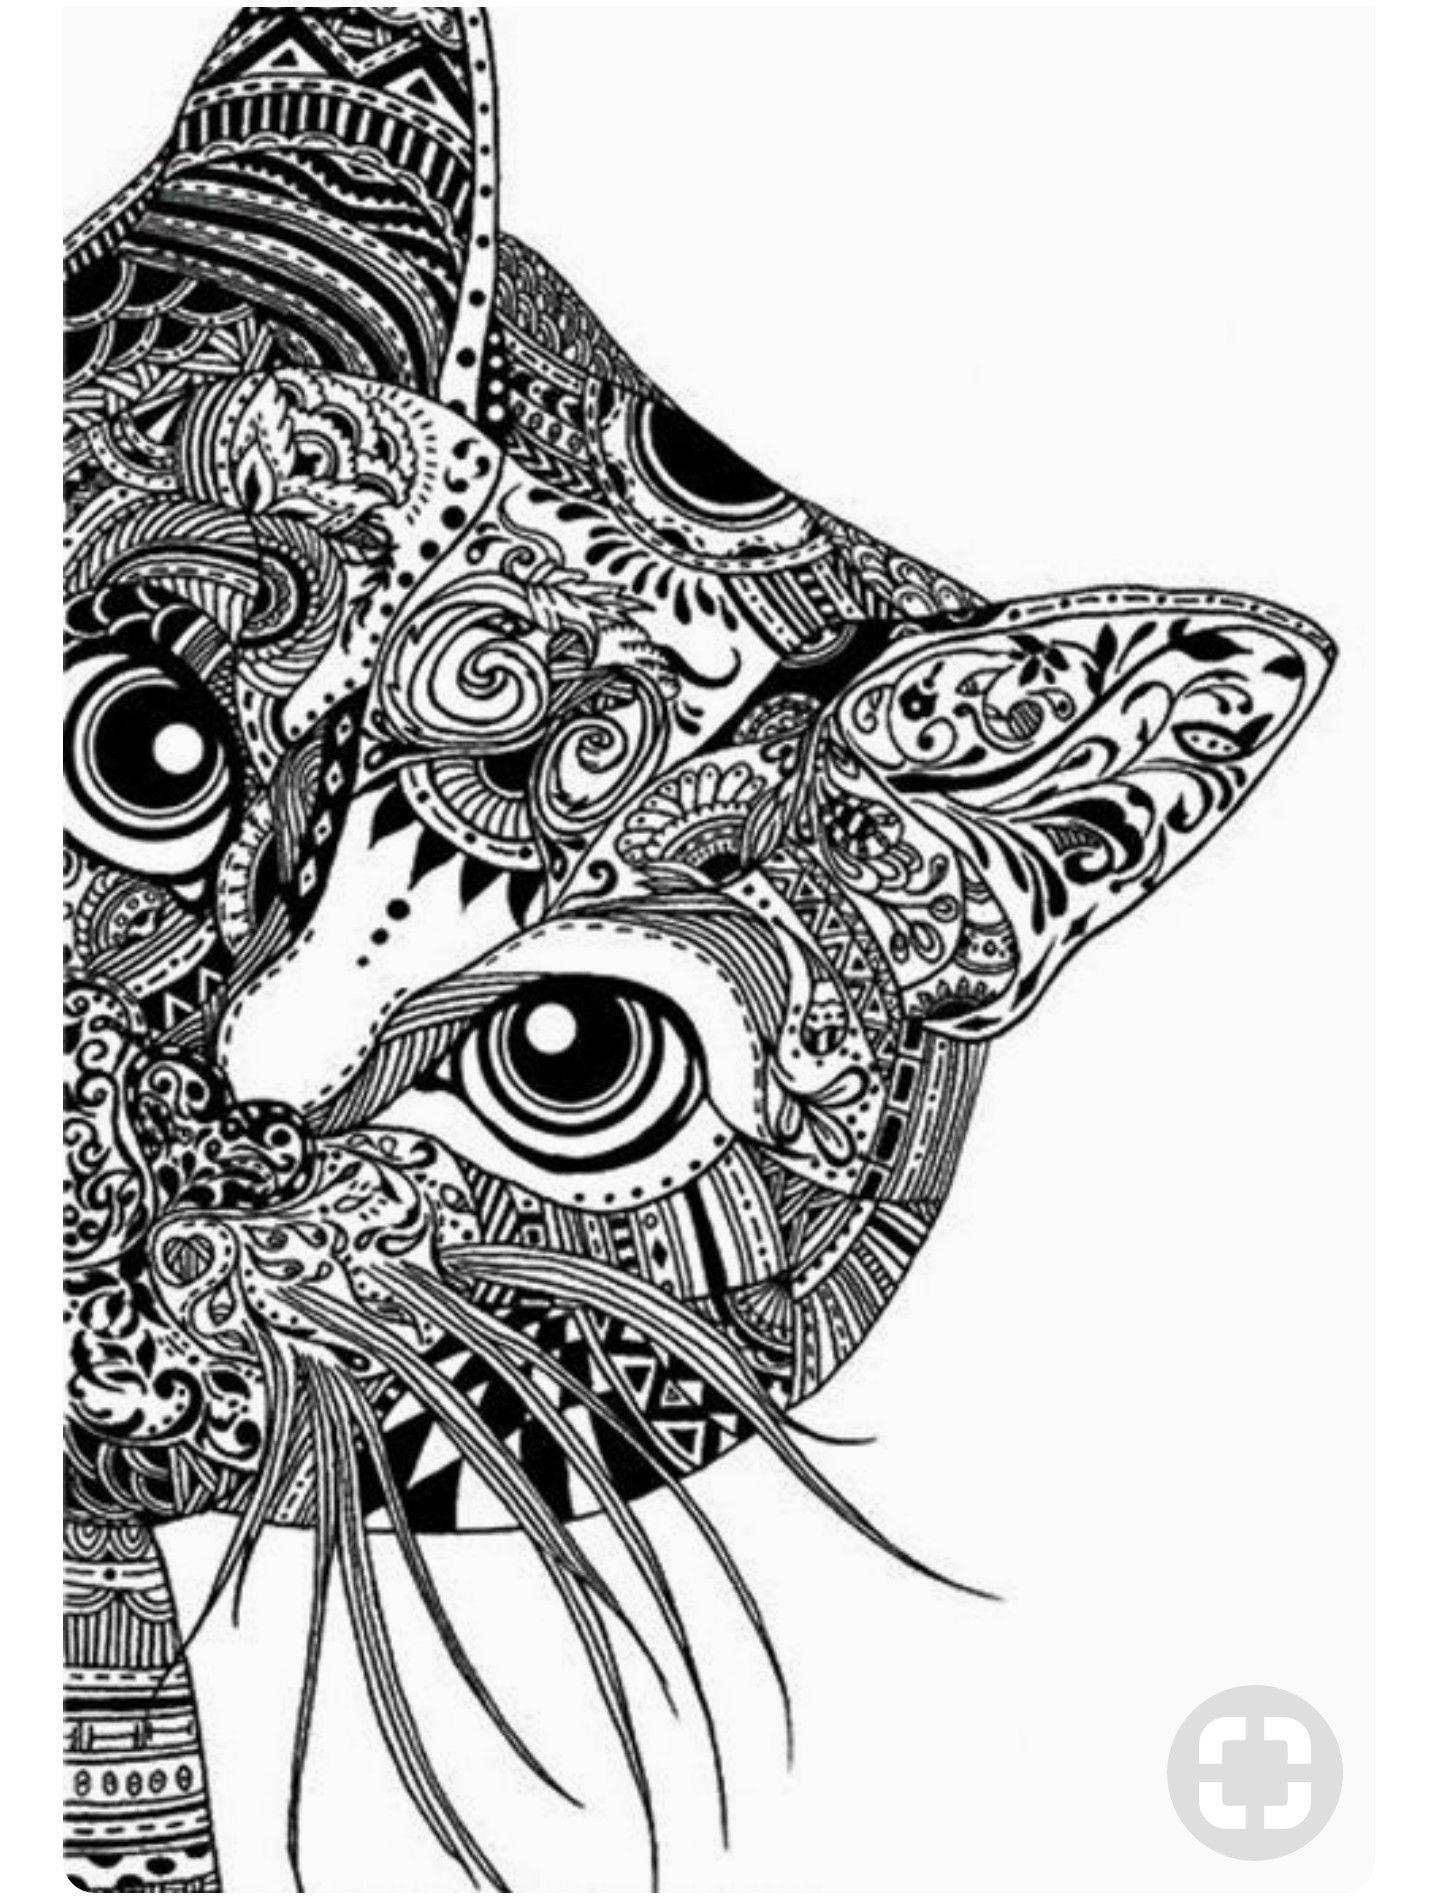 Pin de lucia nicolas en Gatito | Pinterest | Gato, Mandalas y Cosas ...